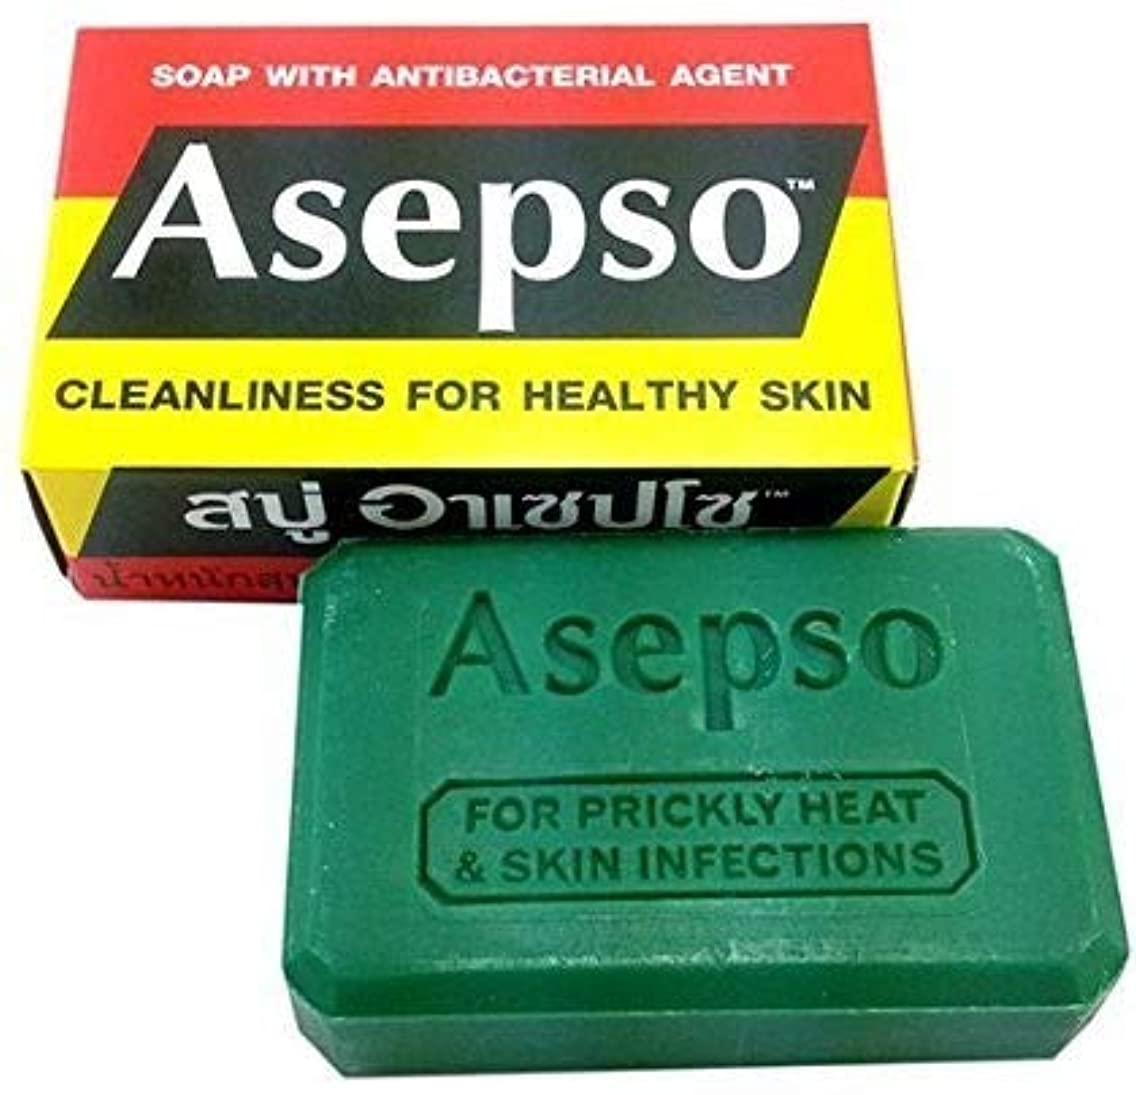 コンソール落とし穴硬さNi Yom Thai shop Asepso Soap with Antibacterial Agent 80 Grams